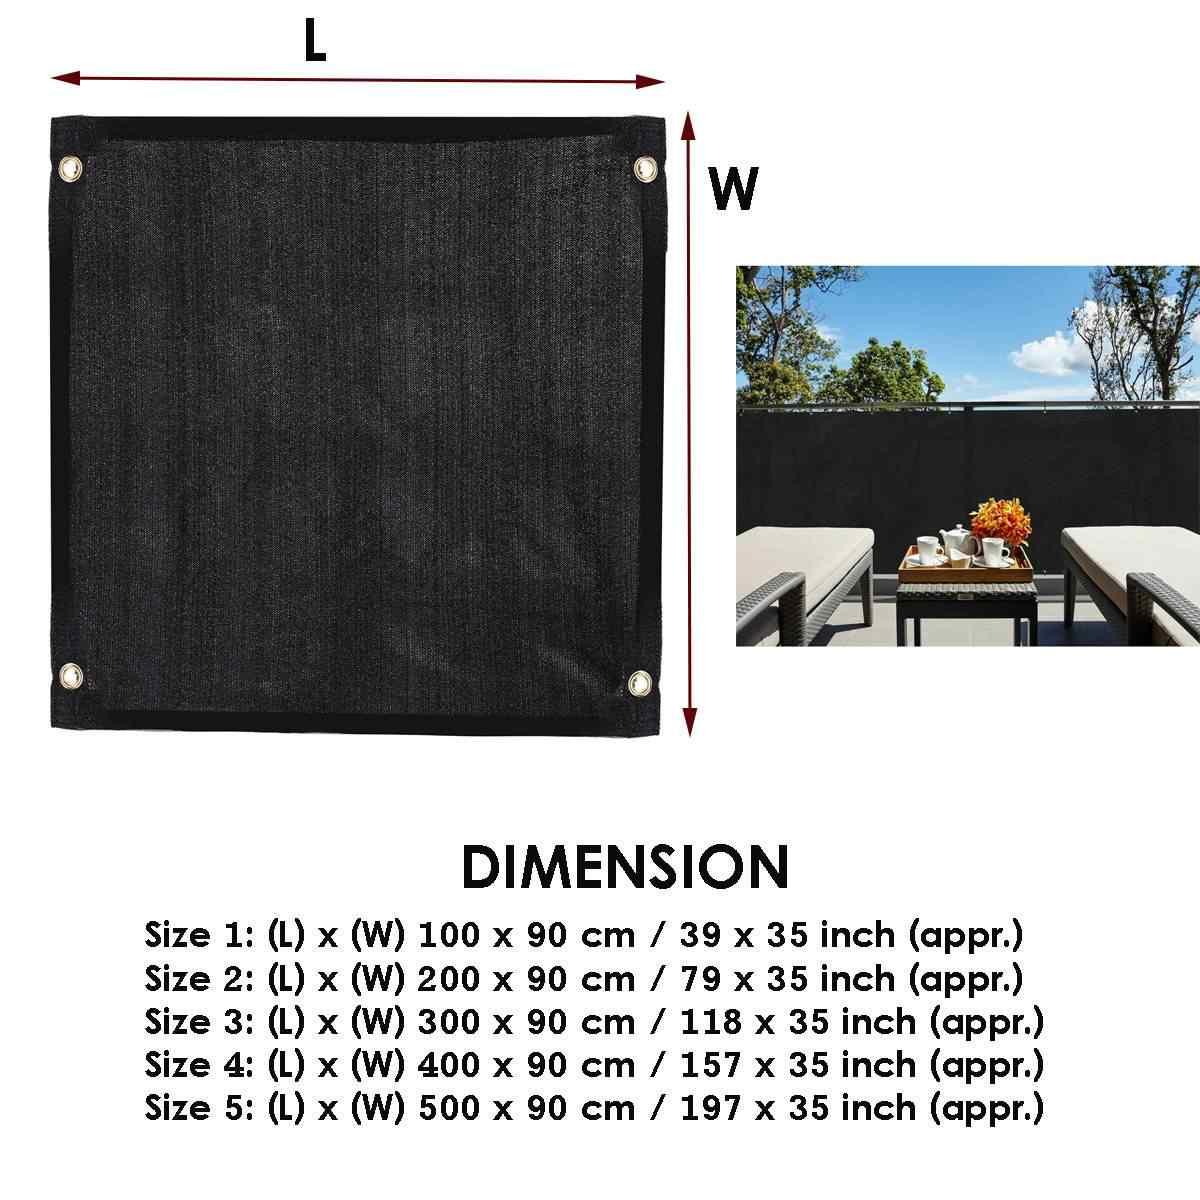 Ekran zasłaniający na Balkon płot ogrodowy pokrywa Balkon Scherm Breeze View Deck Shade Yard markiza płot-Cover Shade